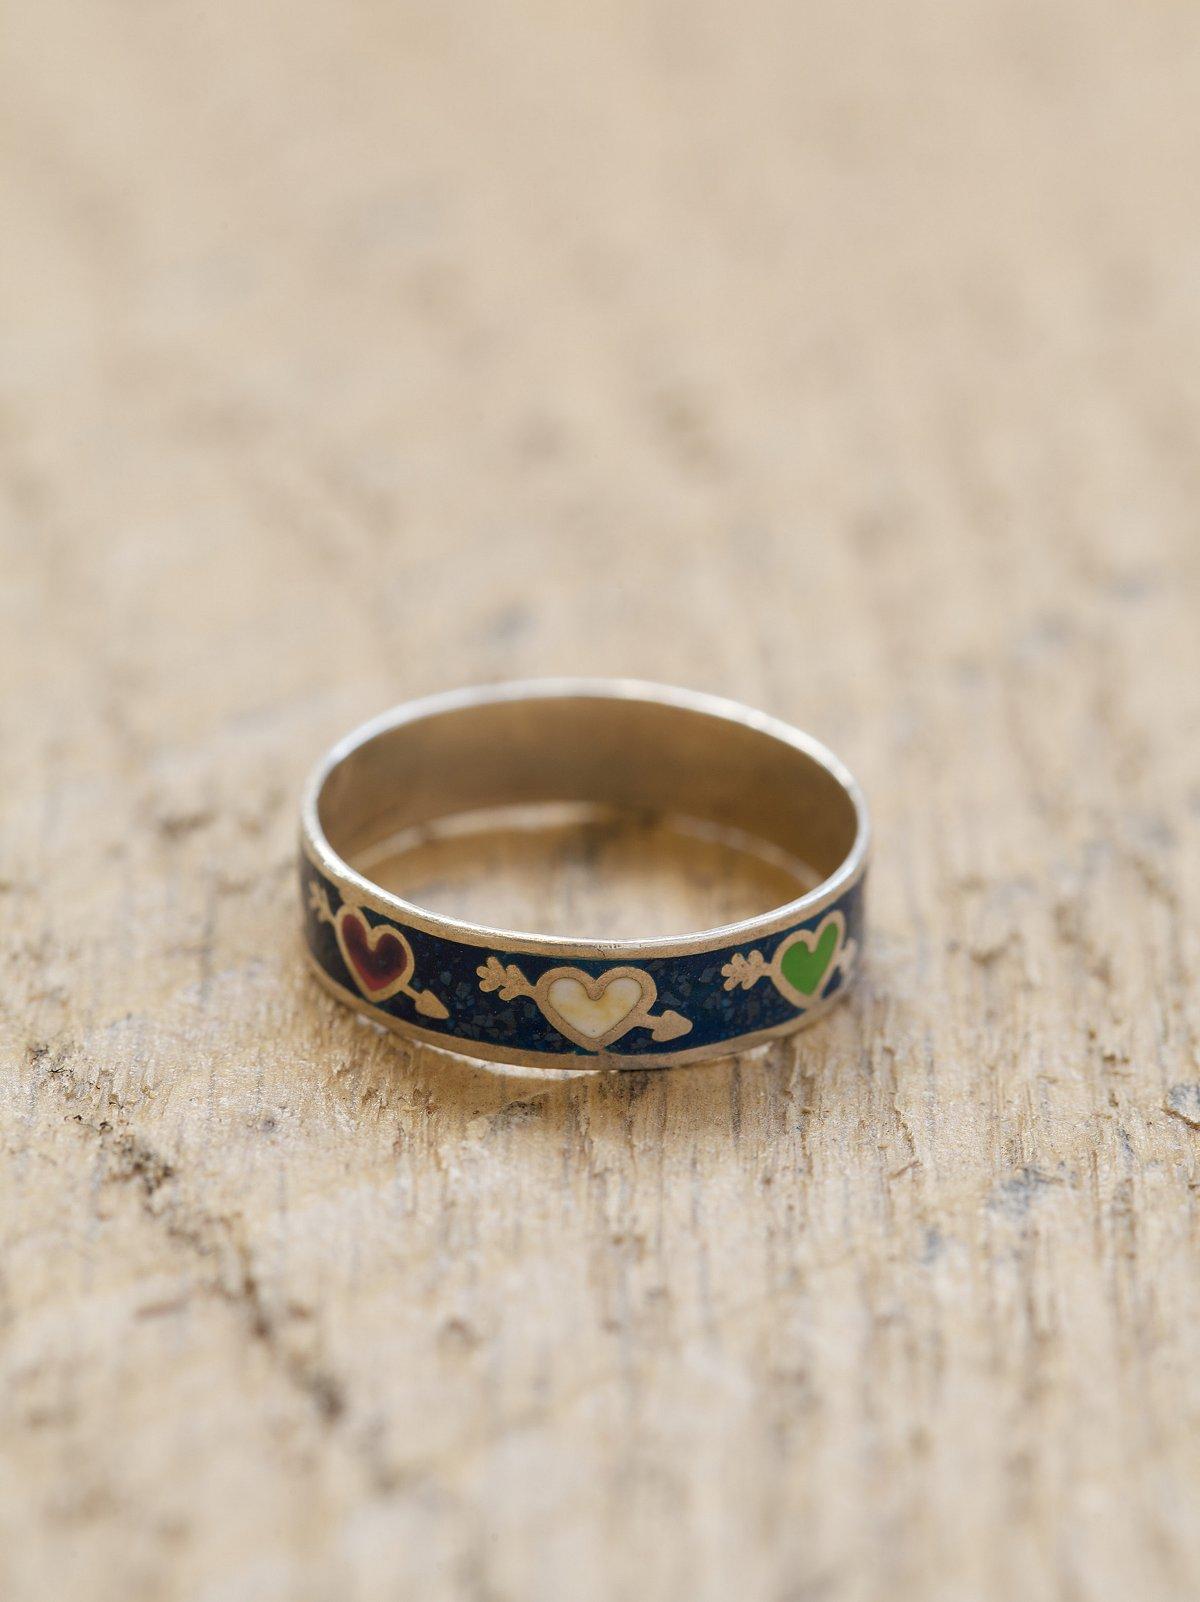 Vintage Silver Enameled Rings